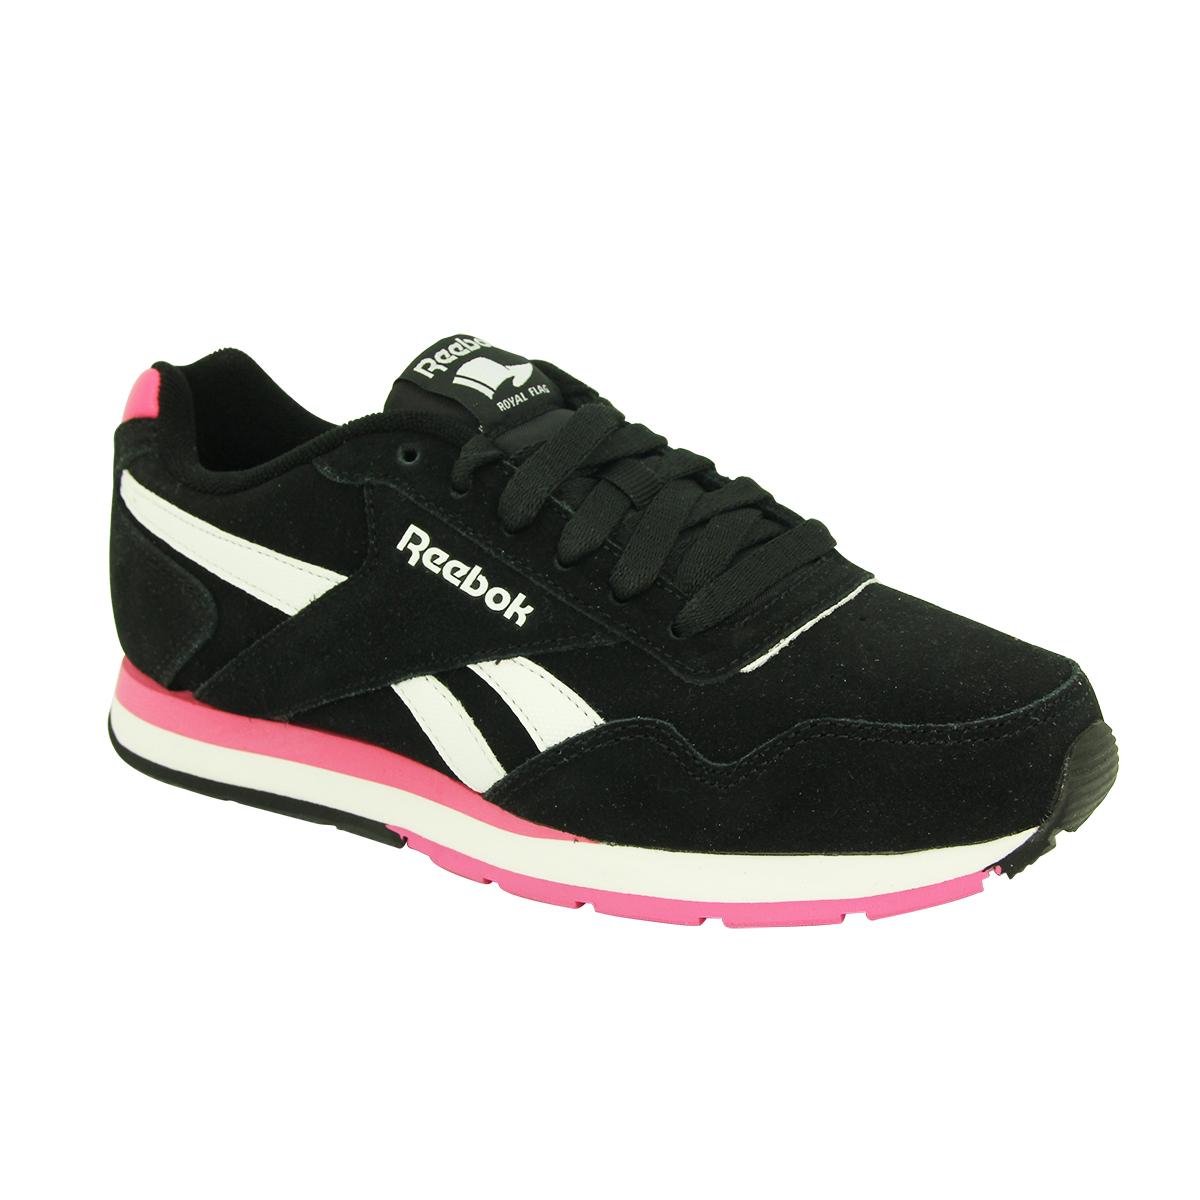 Royal Schuhe Wildleder Glide Damen Sneakers Reebok Neu wPiOkXuZT